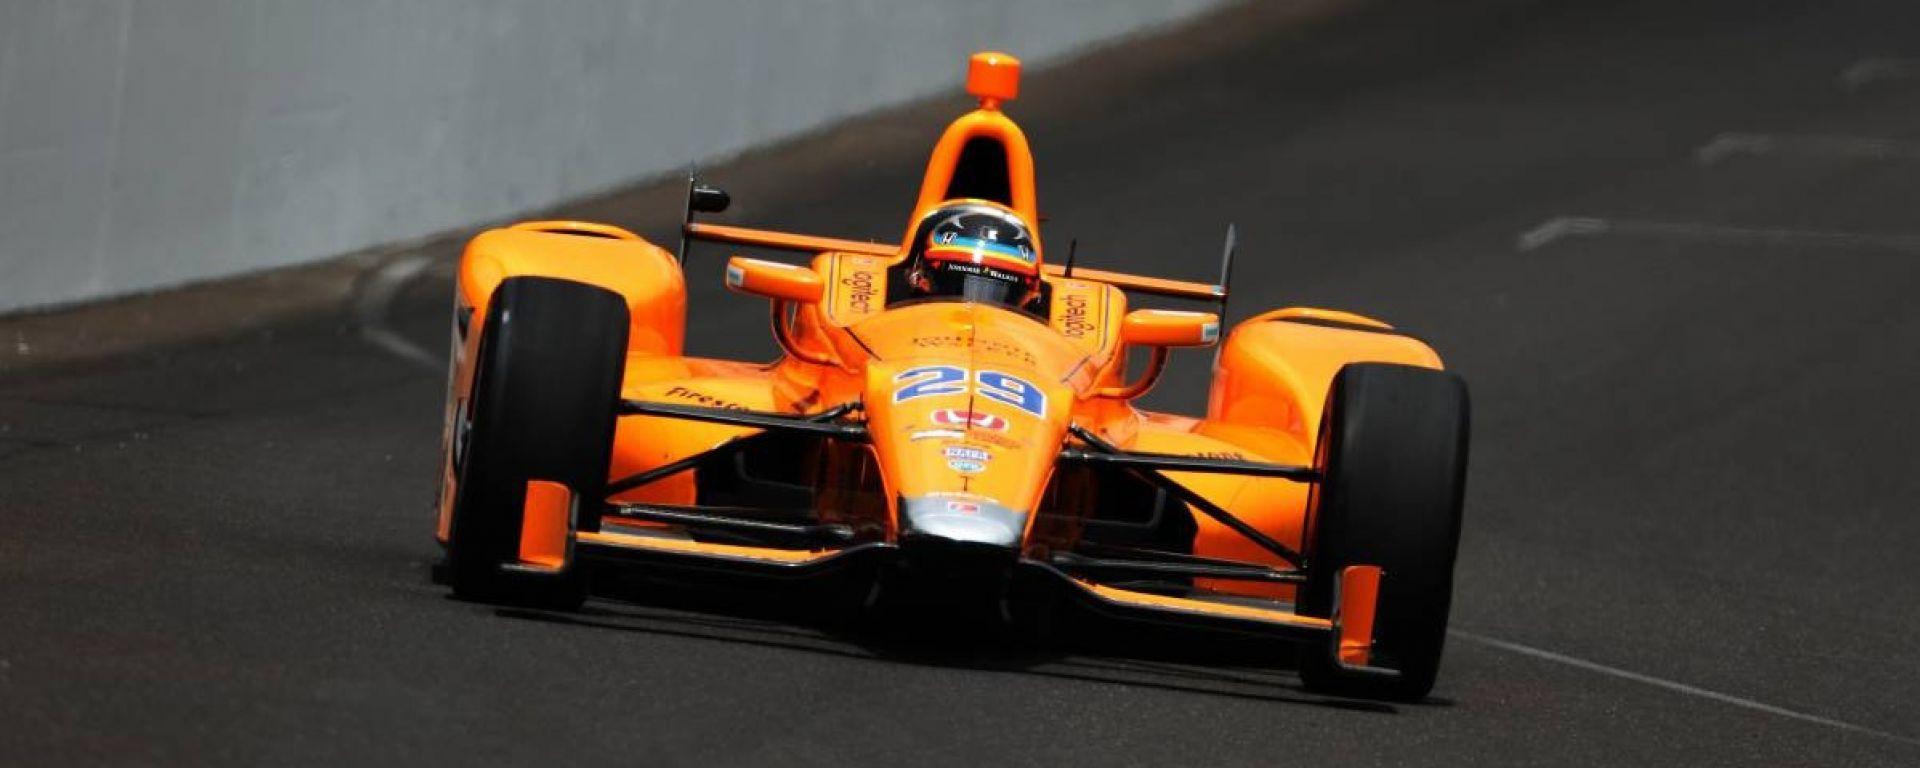 Alonso ci riprova: farà la 500 miglia di Indianapolis 2019 con McLaren